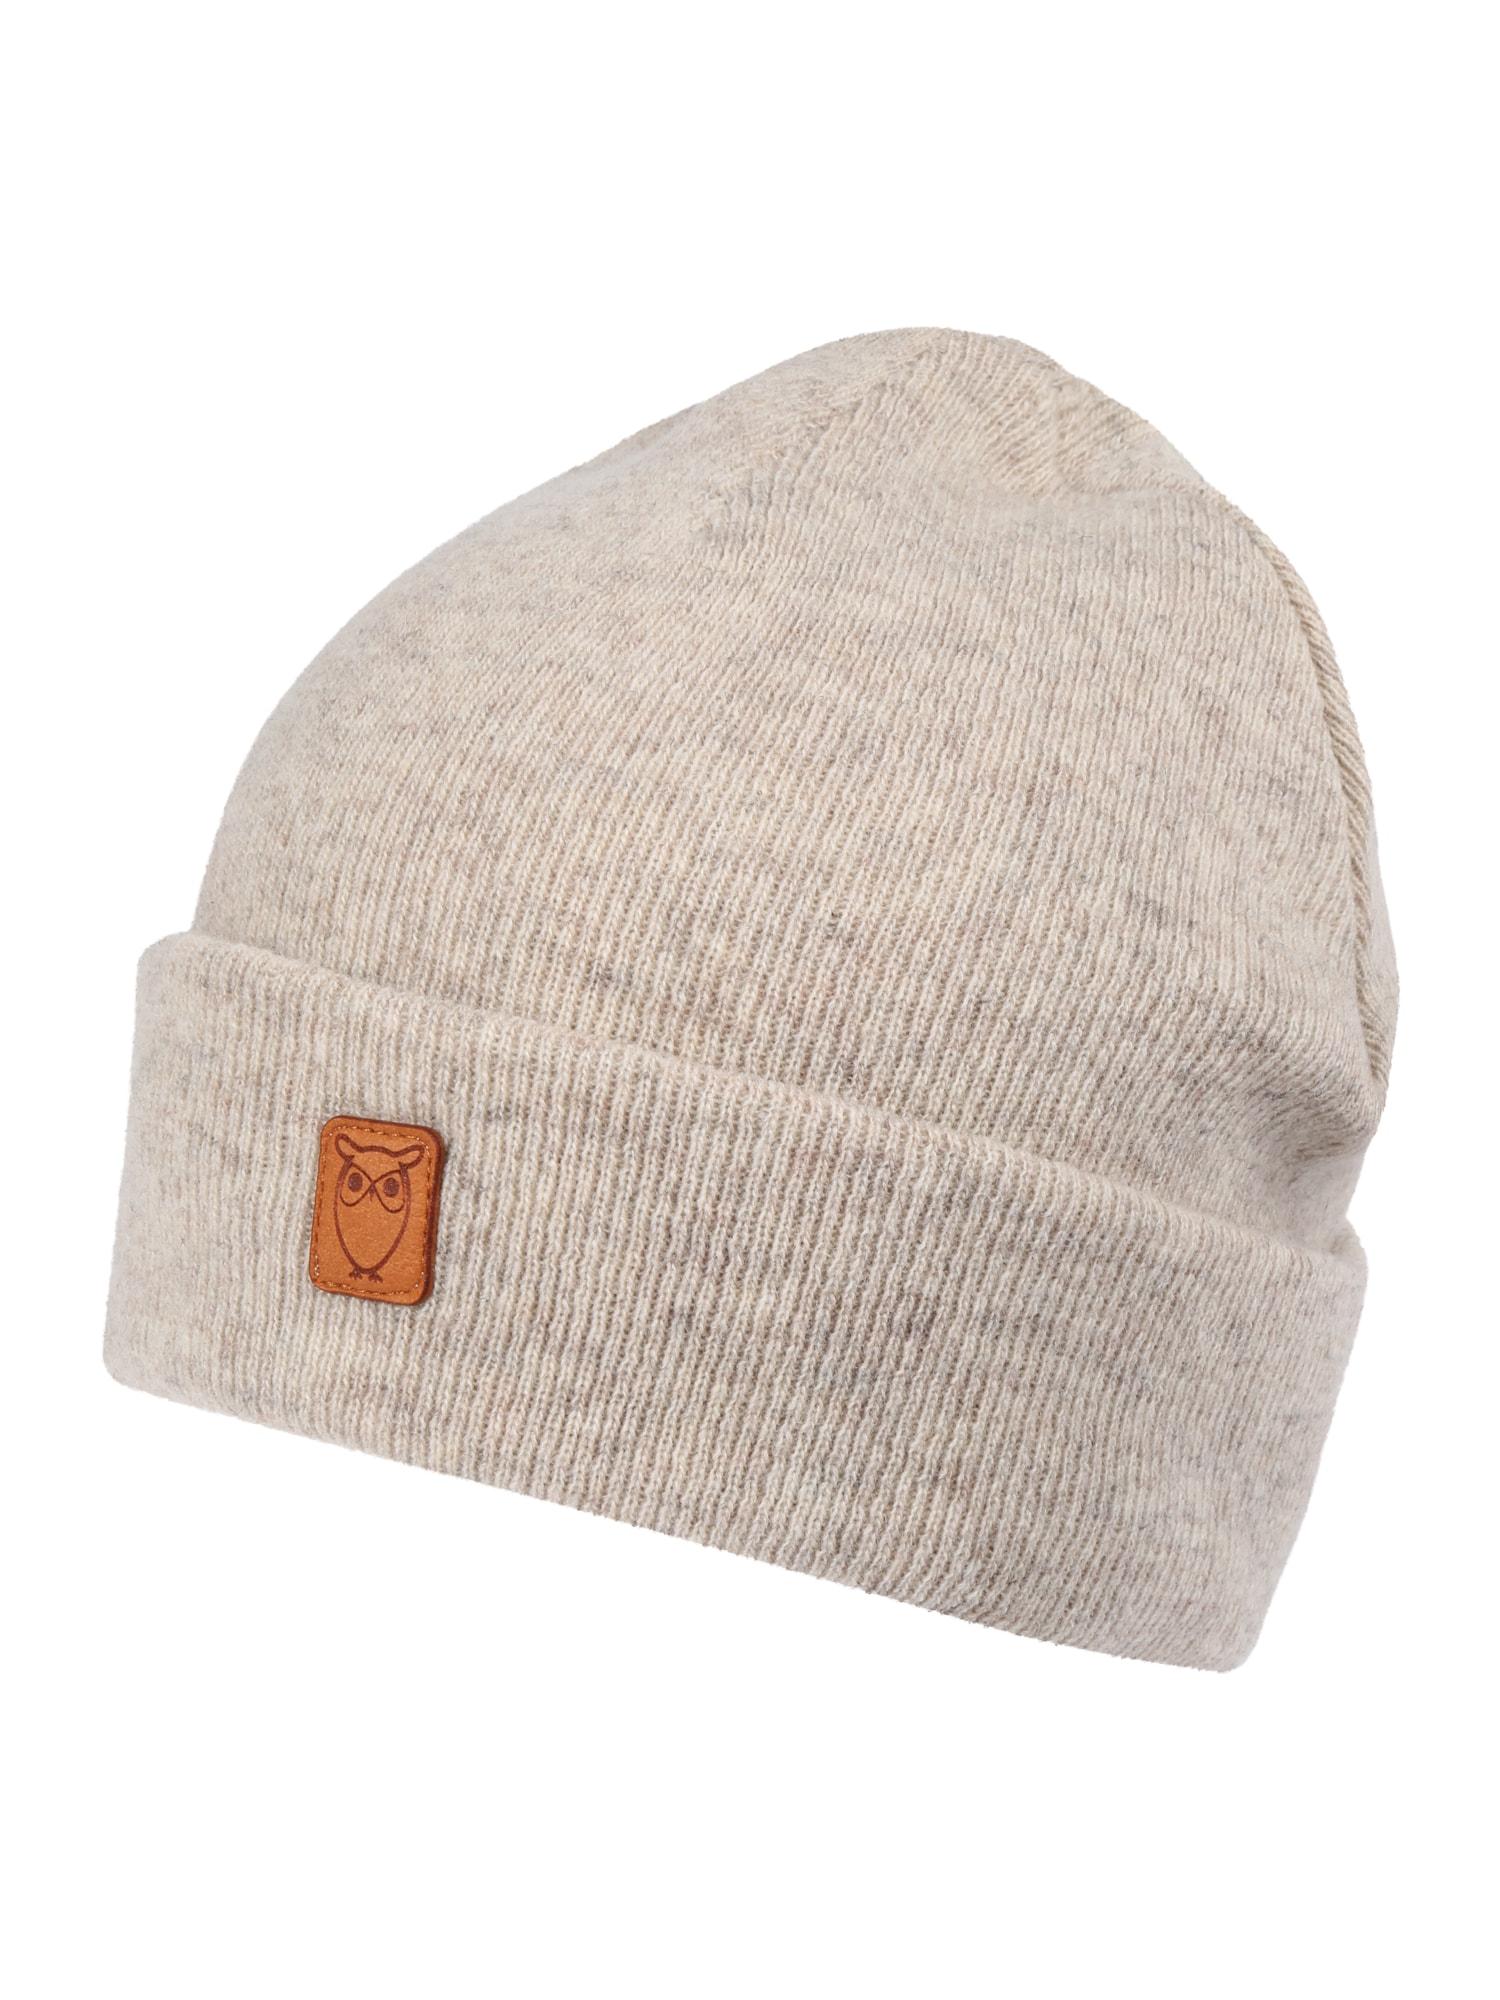 Mütze 'Beanie organic wool - GOTS'   Accessoires > Mützen   KnowledgeCotton Apparel